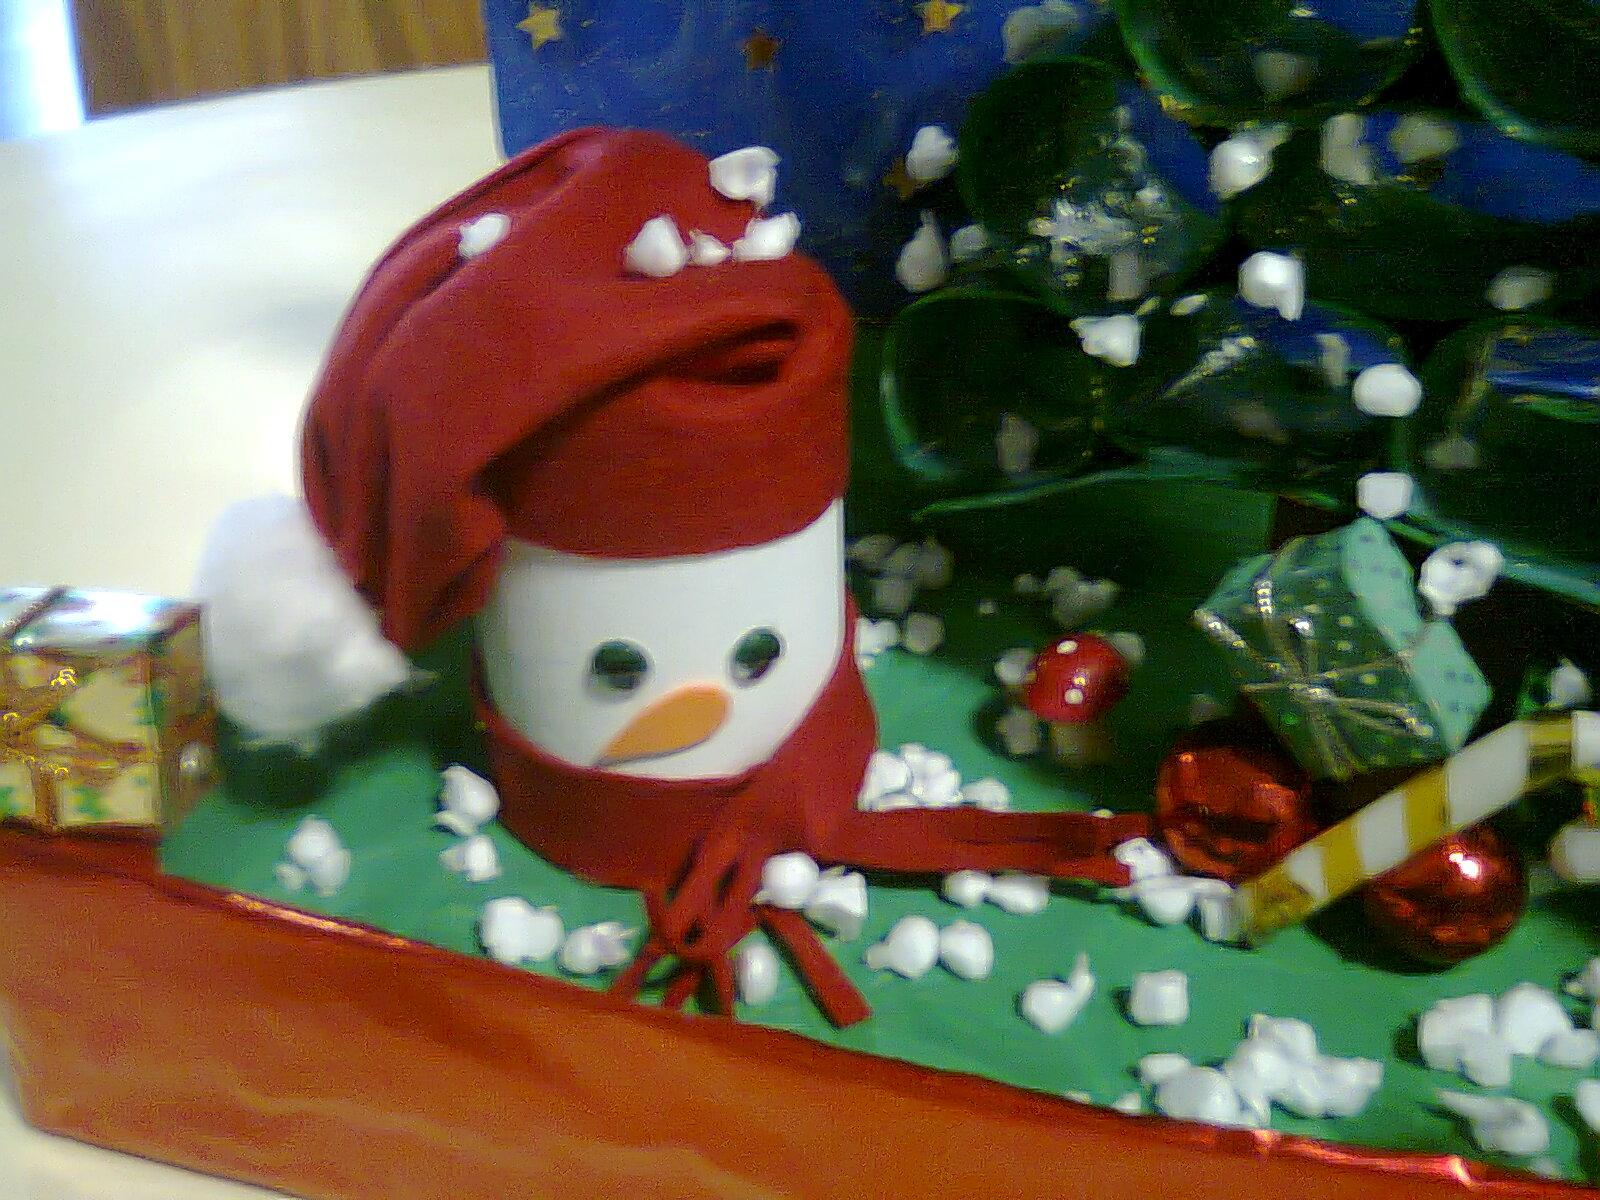 Duendes m gicos artes maquete alusiva ao natal for Reciclado de placares